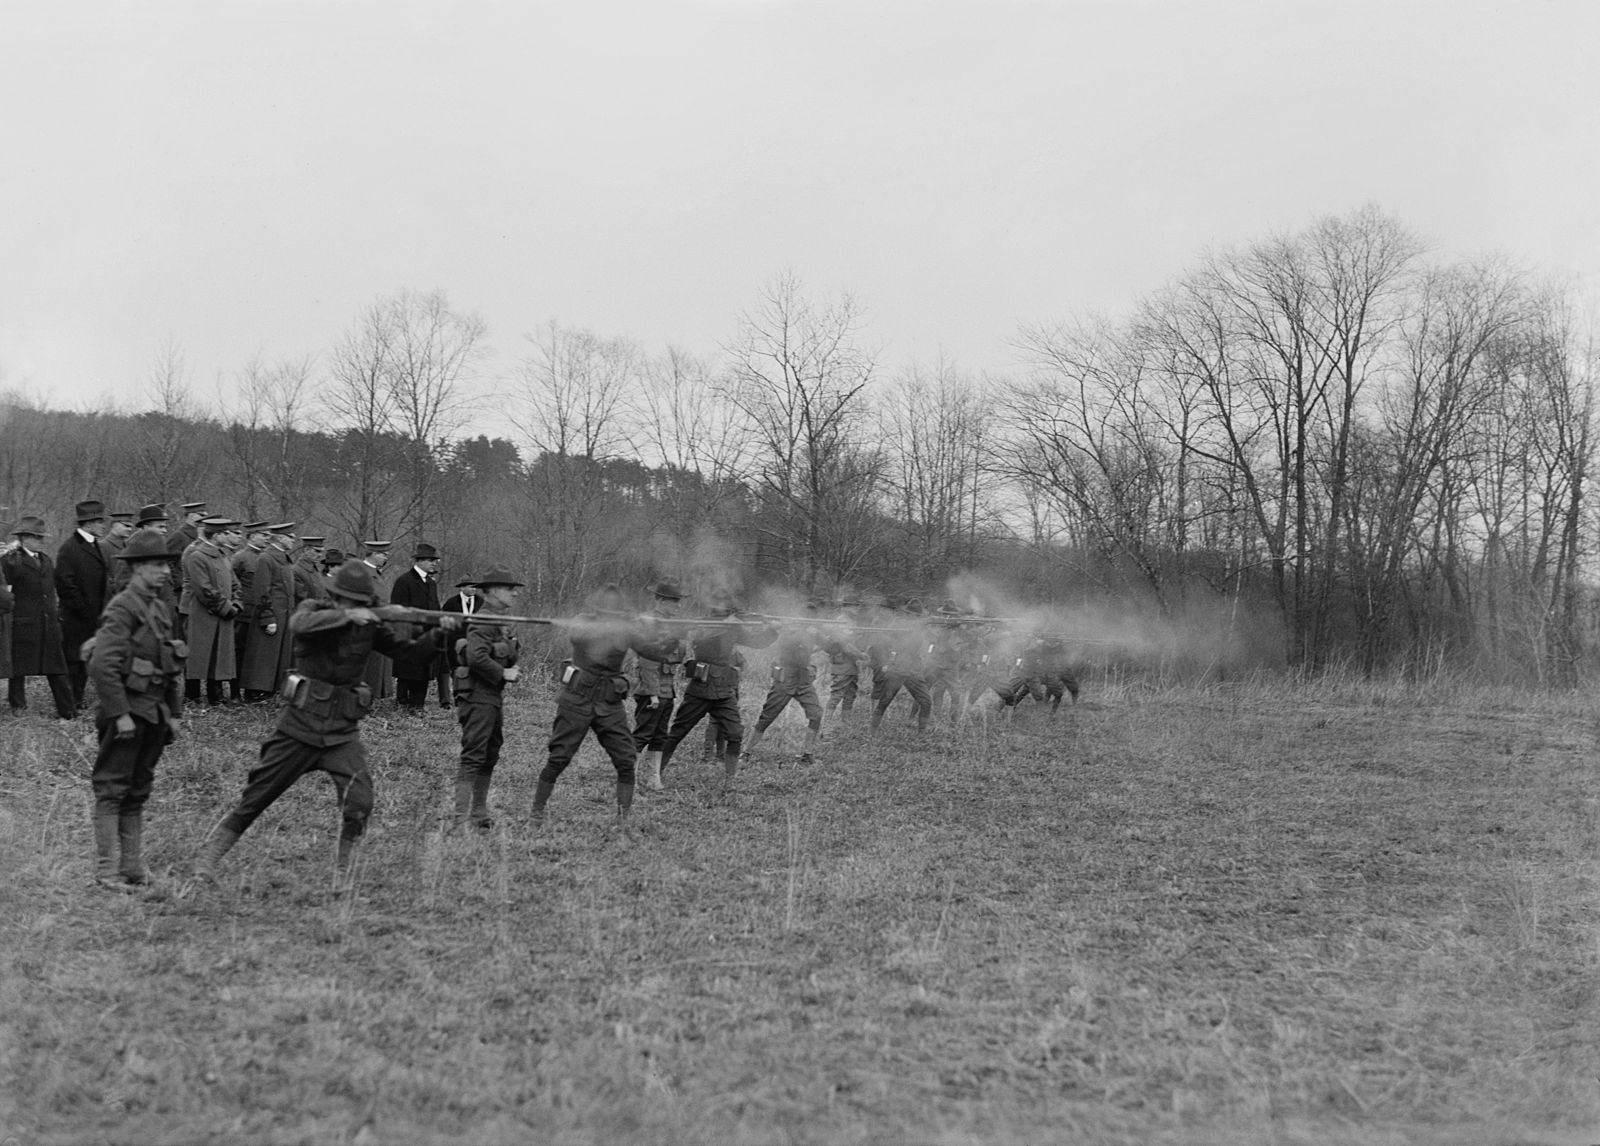 Congress Heights M1918 Test - Démonstration de la puissance de feu de cette nouvelle arme en 1918, face à des officiels du congrès Américain